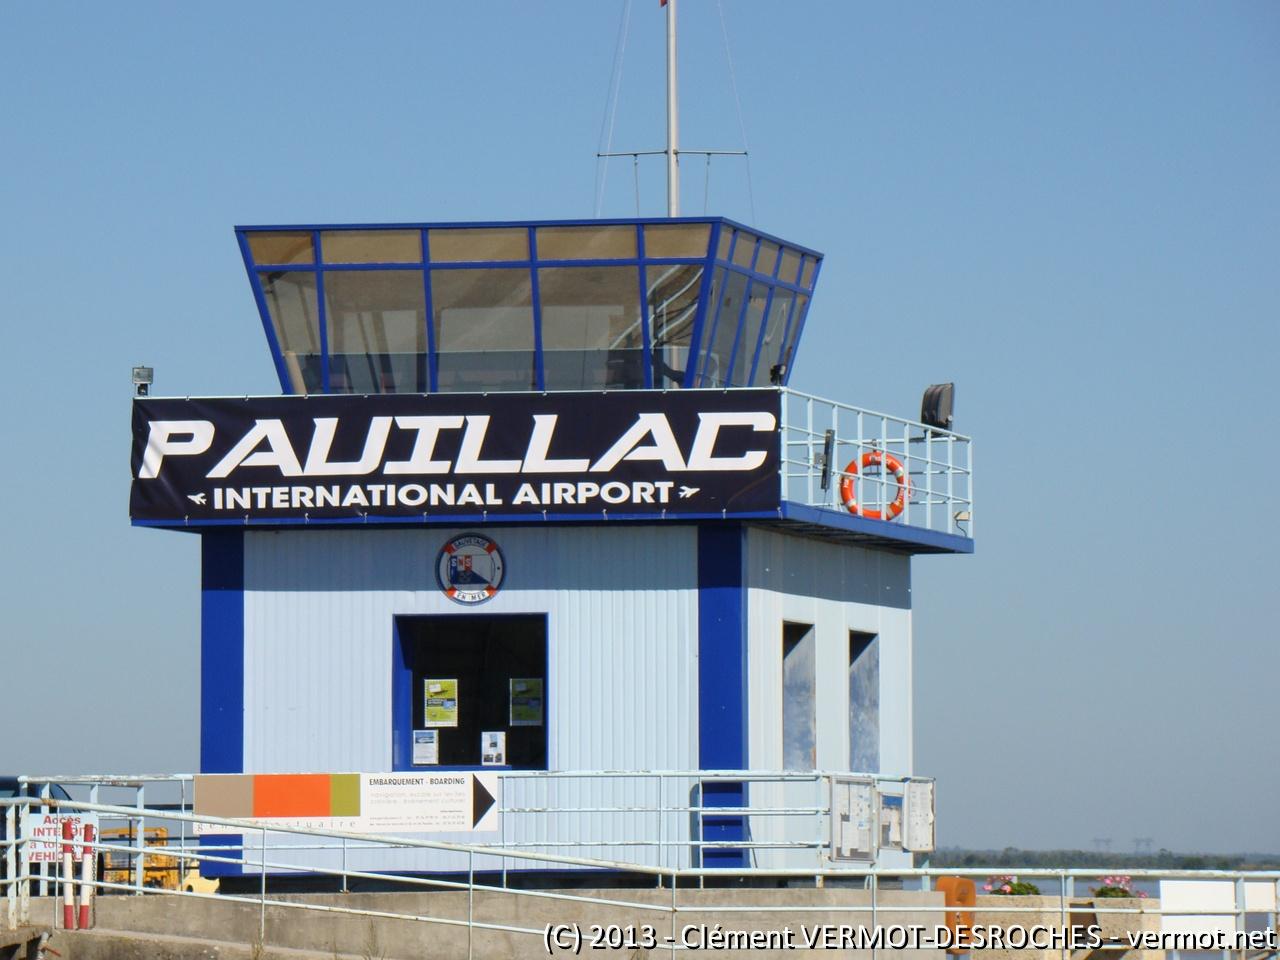 Petit clin d'œil : le port de Paulliac est transformé aujourd'hui en Aéroport International !